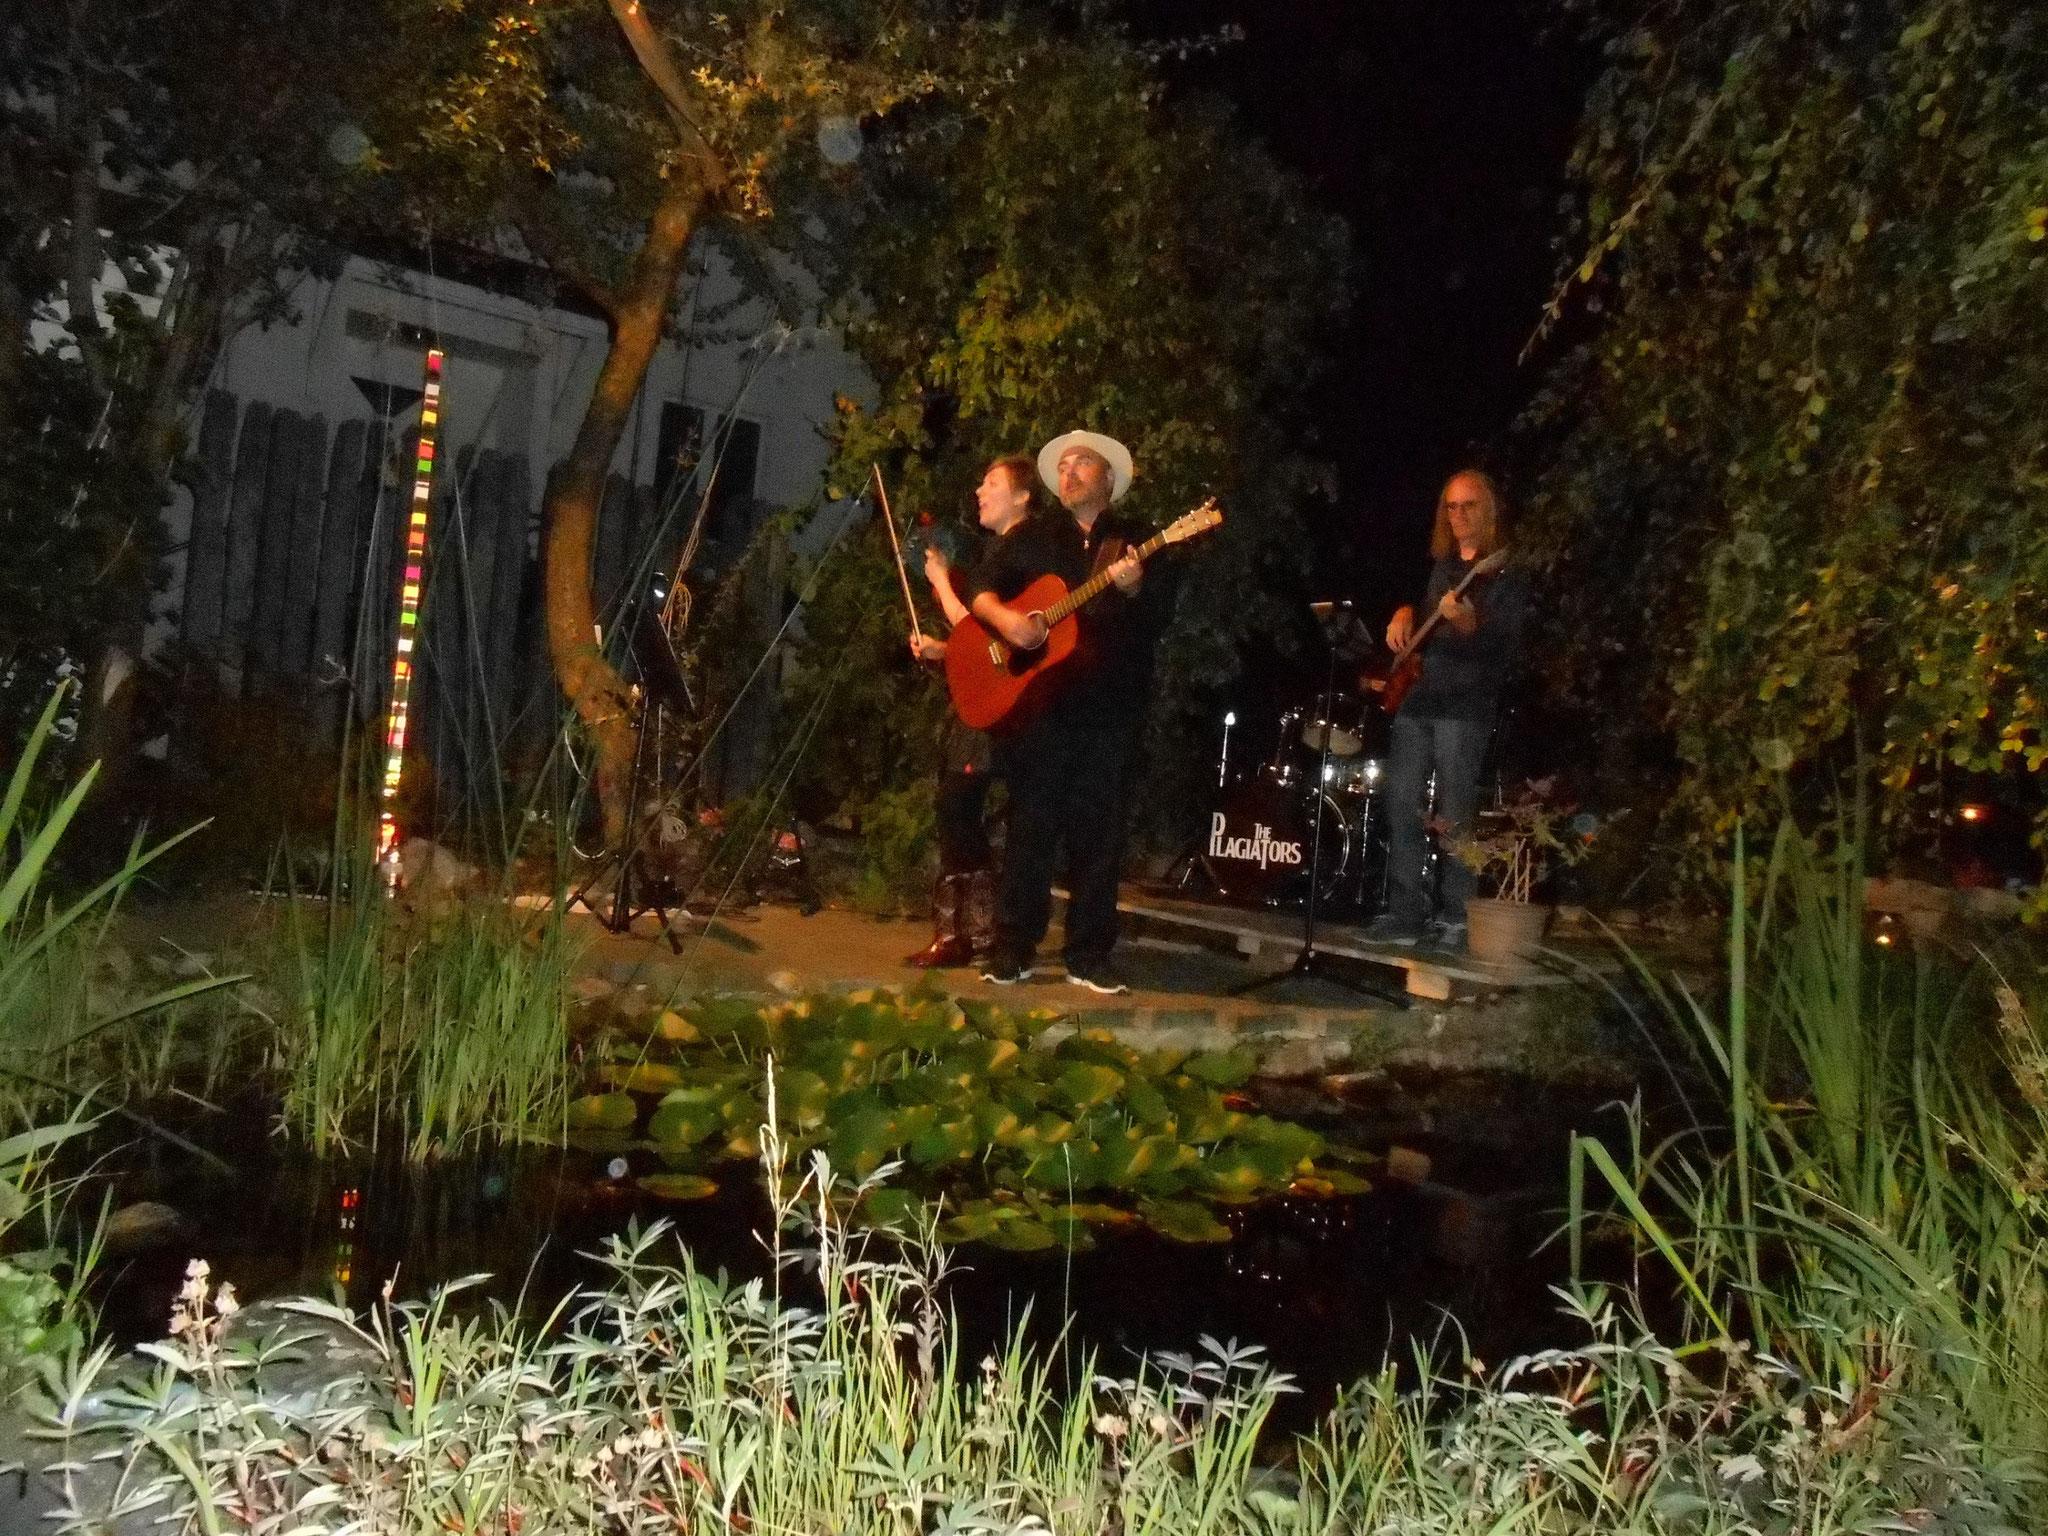 Bei Nacht dann war der Schlagzeuger ziemlich im Dunkeln...